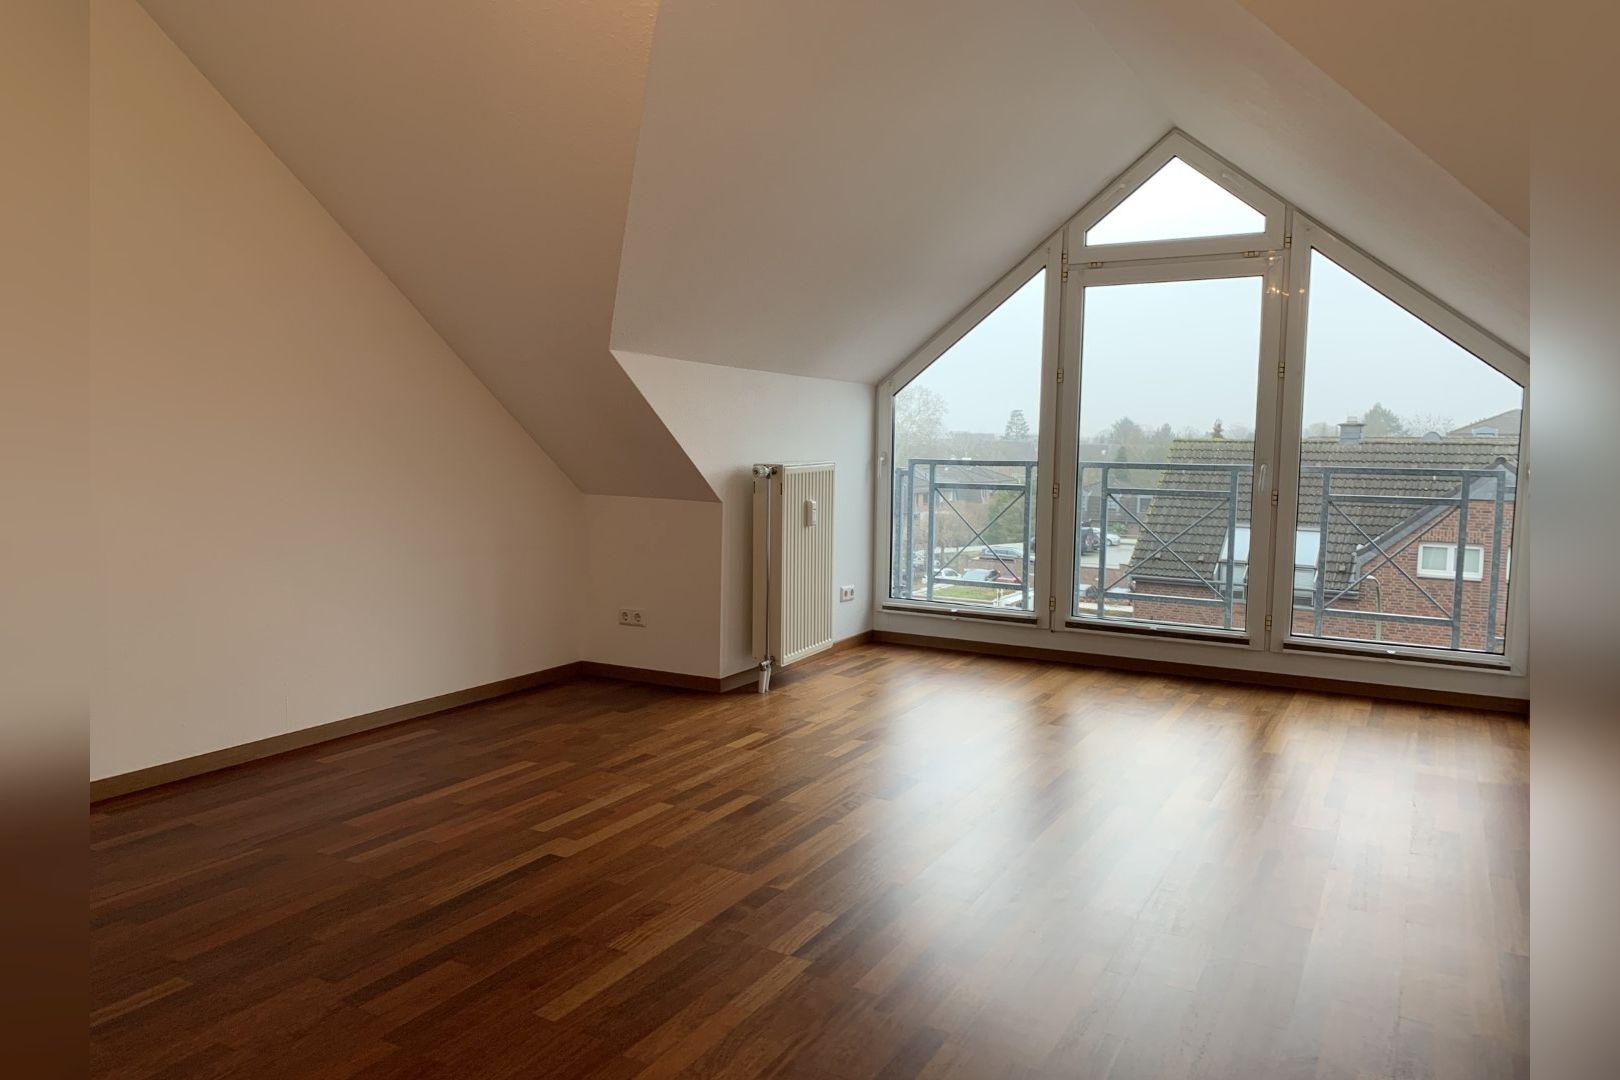 Immobilie Nr.0253 - 3-Zimmer-Maisonette-Wohnung  - Bild 18.jpg